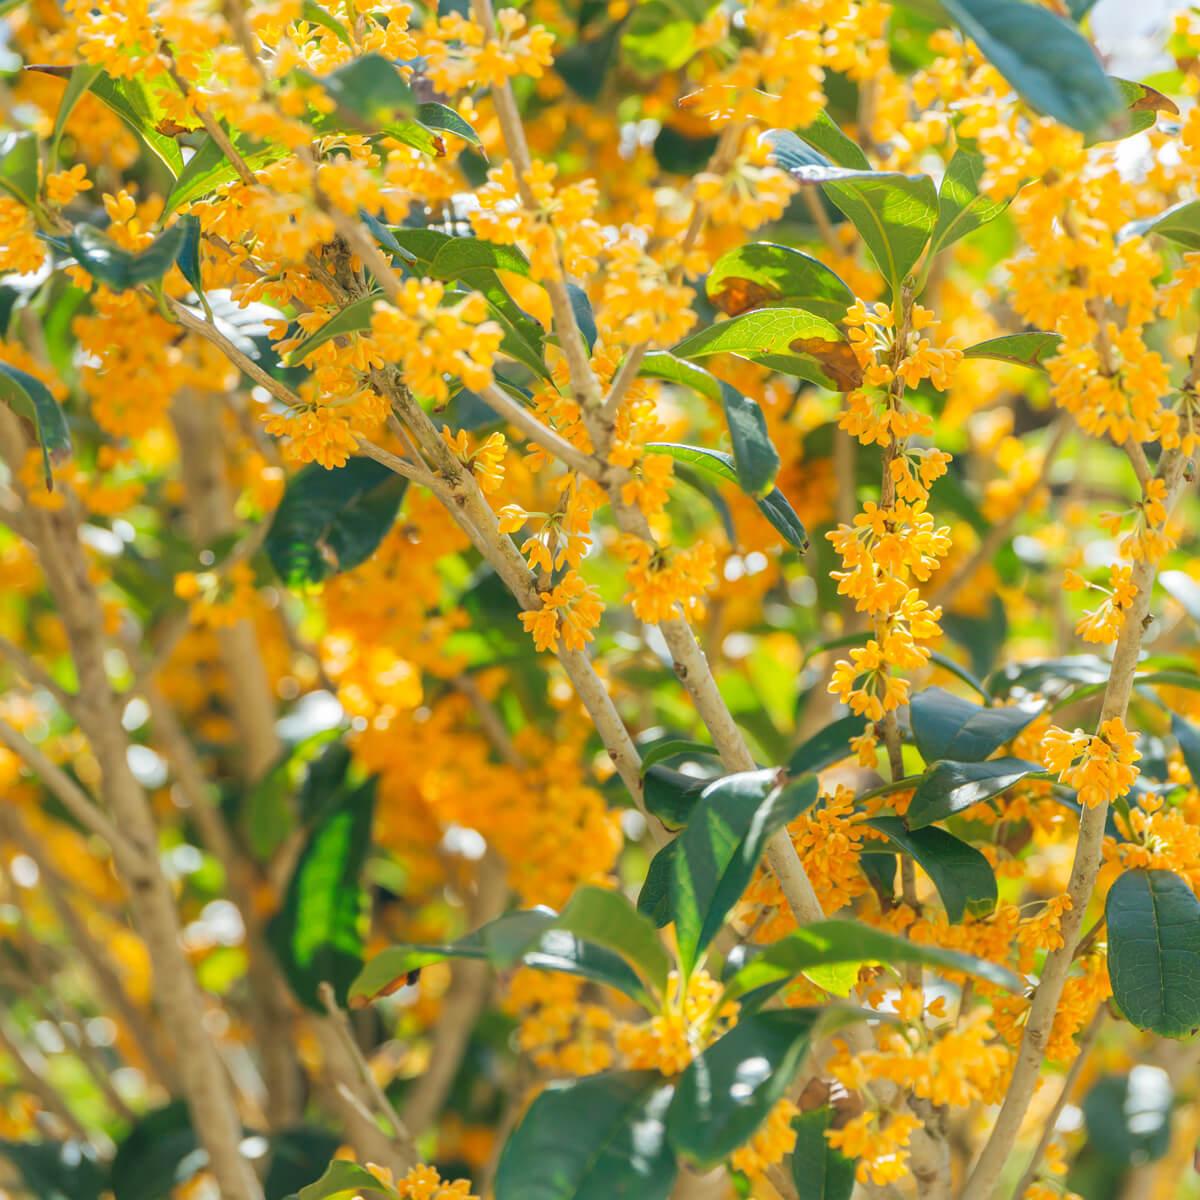 金木犀 花満開 屋久島花とジュエリー オーダーメイドジュエリーのモチーフ